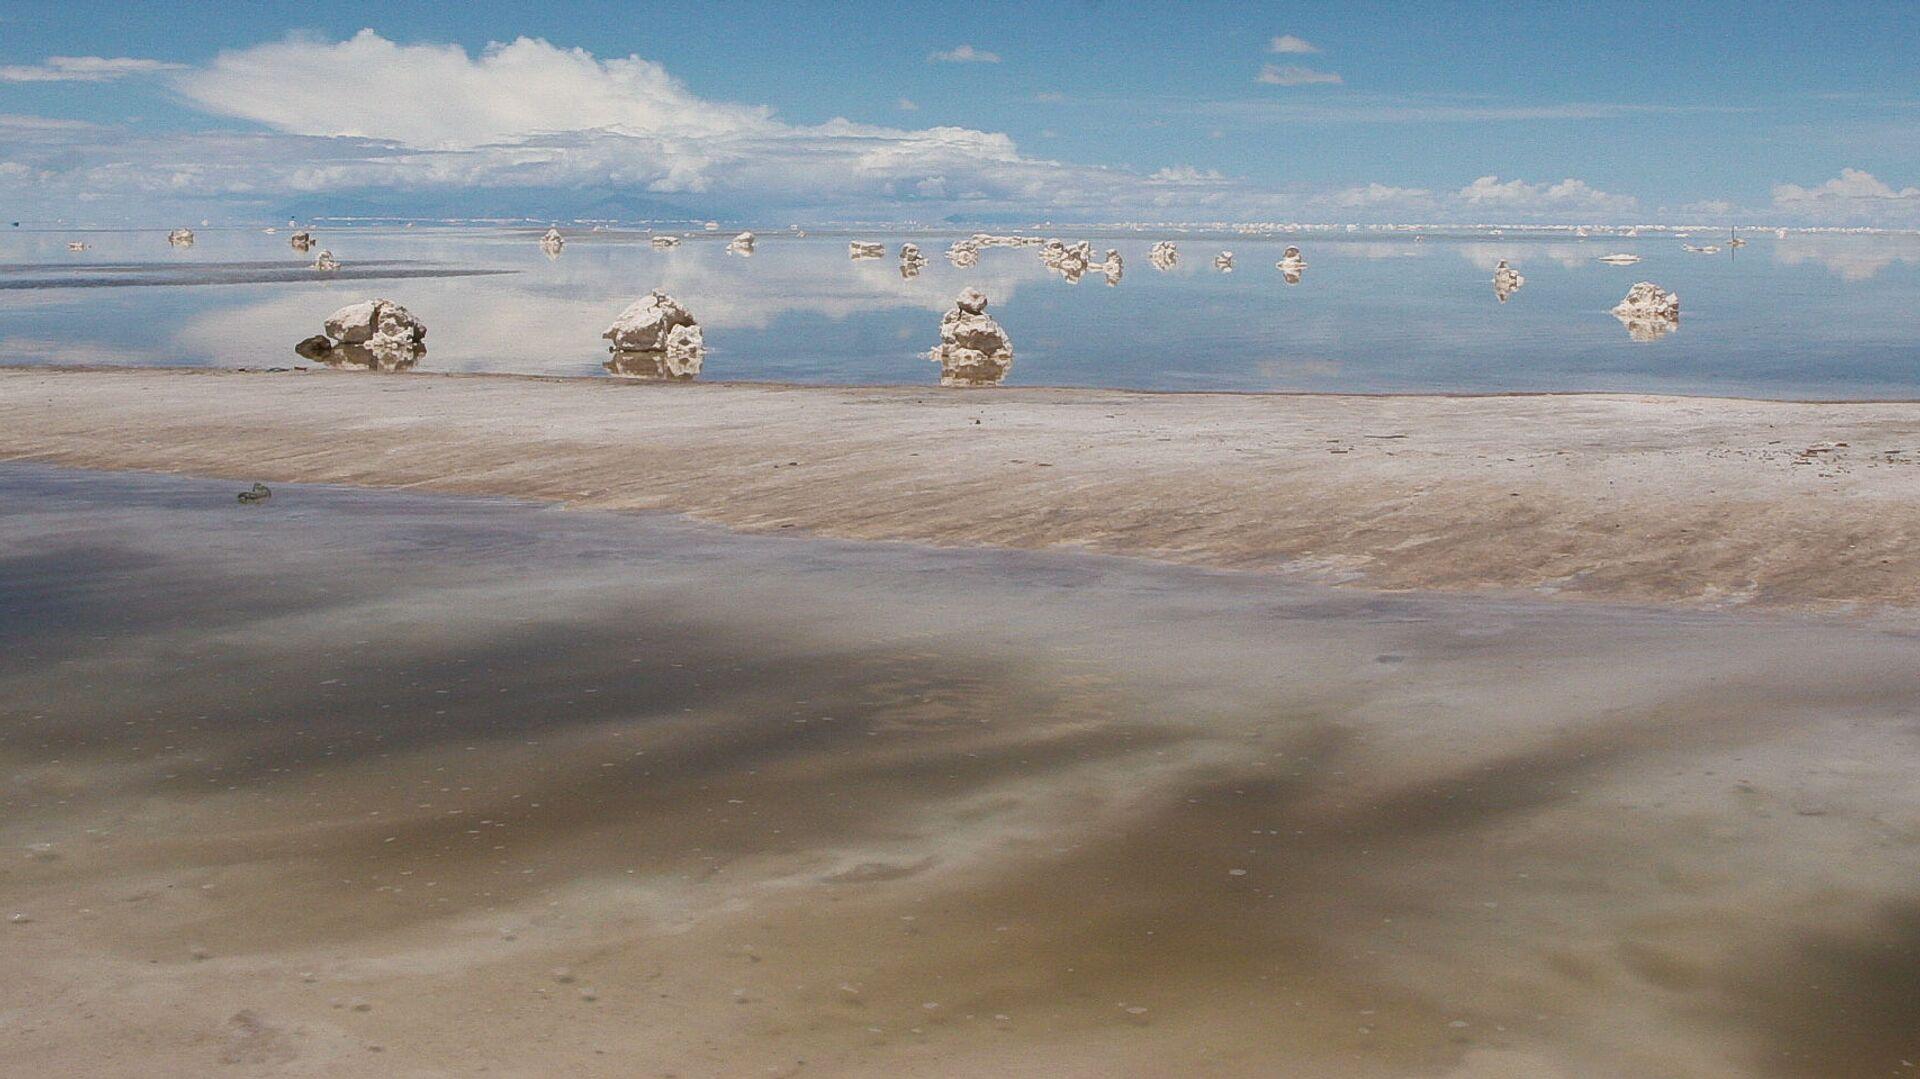 El salar de Uyuni en Bolivia, gran reserva de litio - Sputnik Mundo, 1920, 23.08.2021